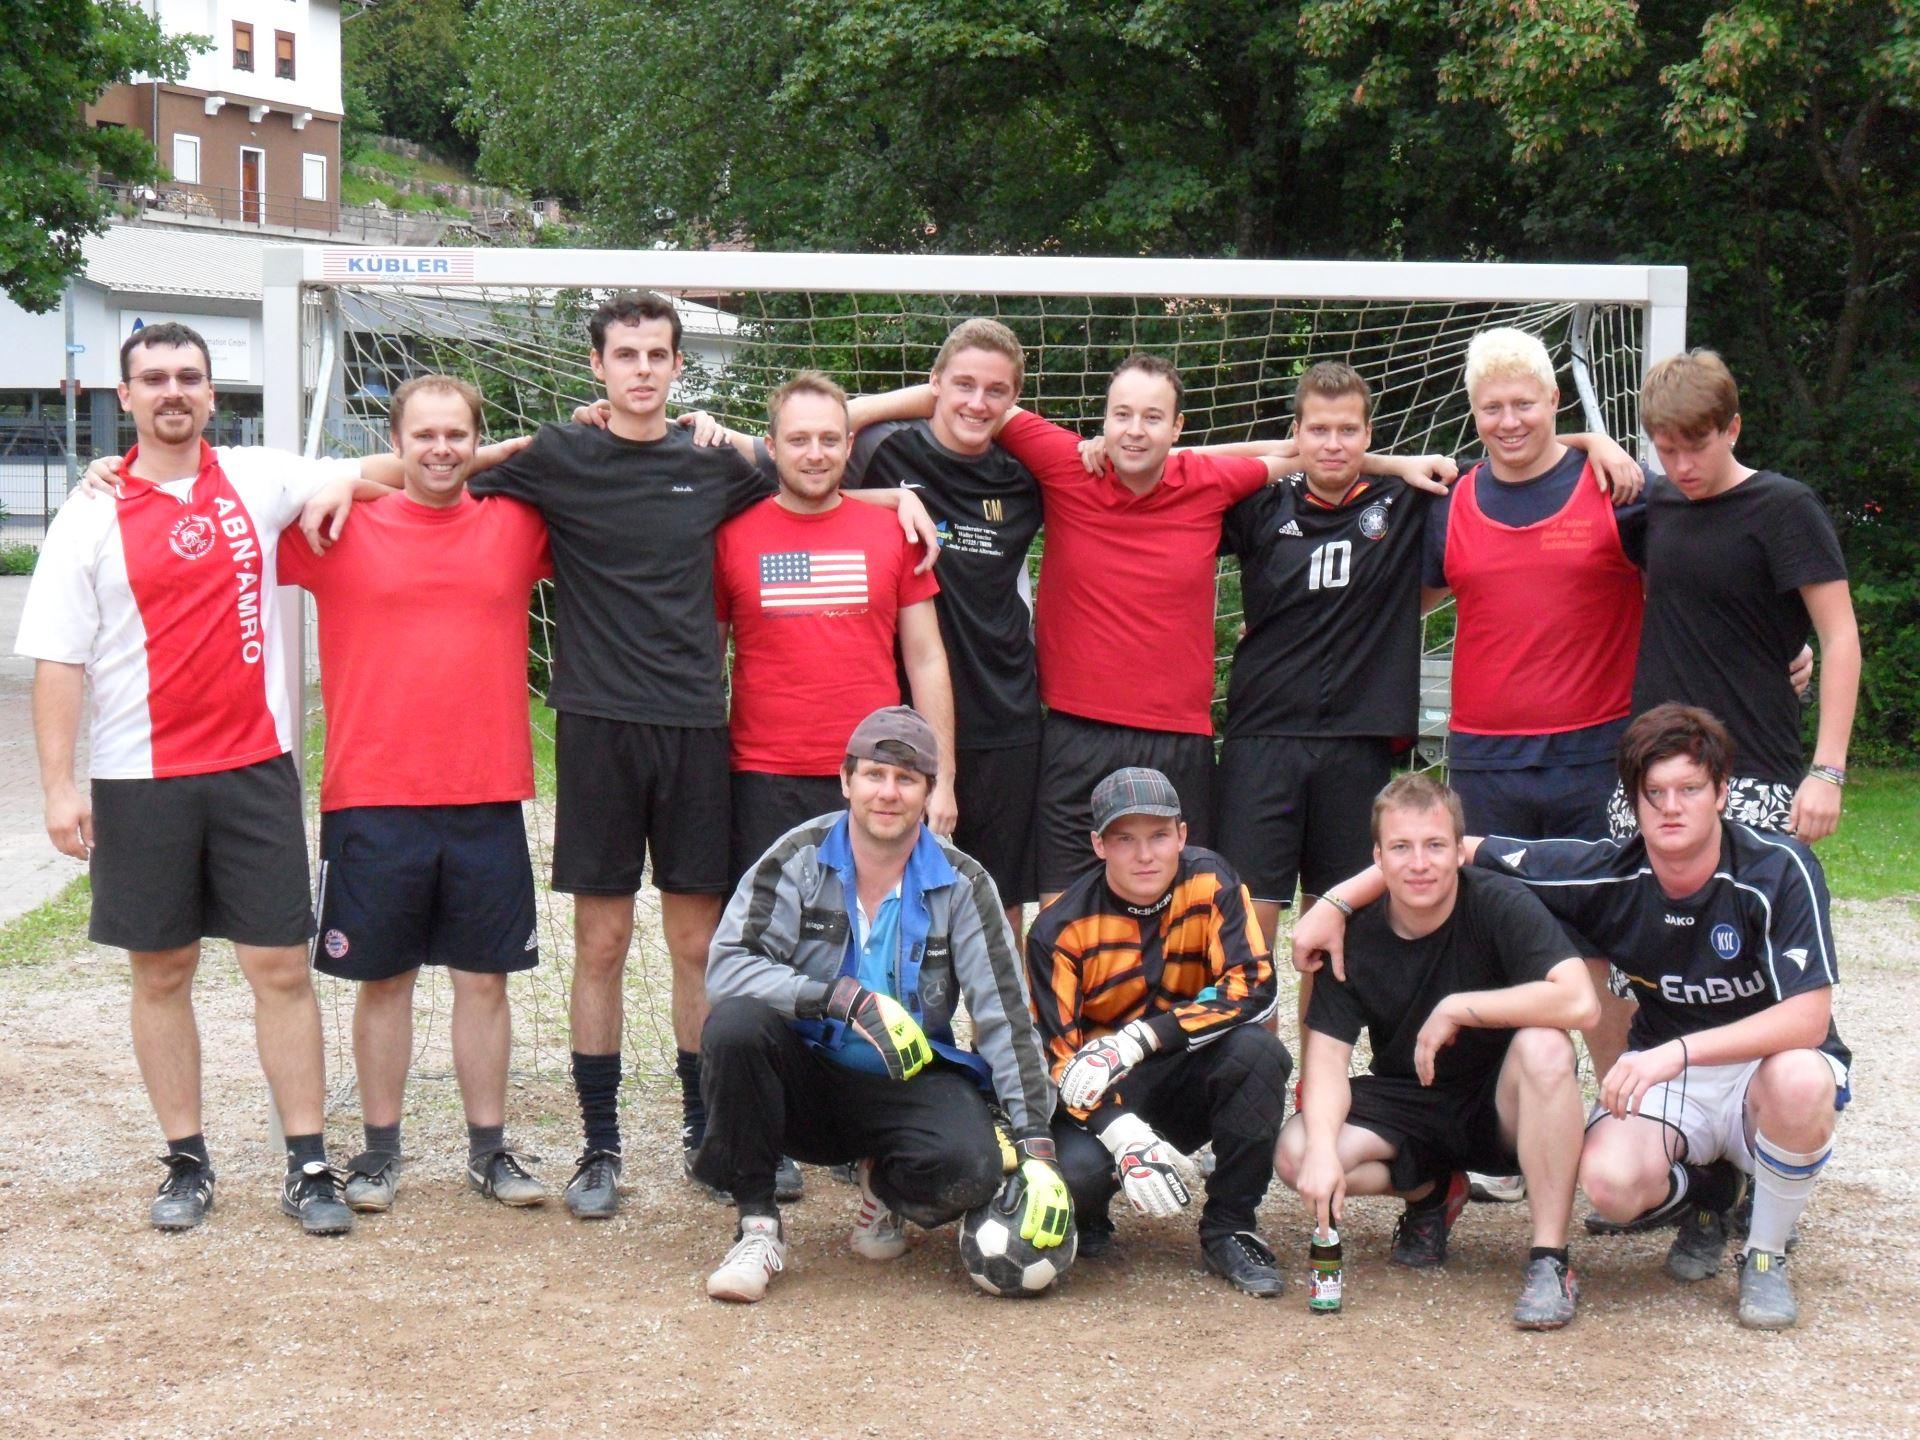 Gaudi-Fußballturnier auf dem Festplatz 2011 (19)